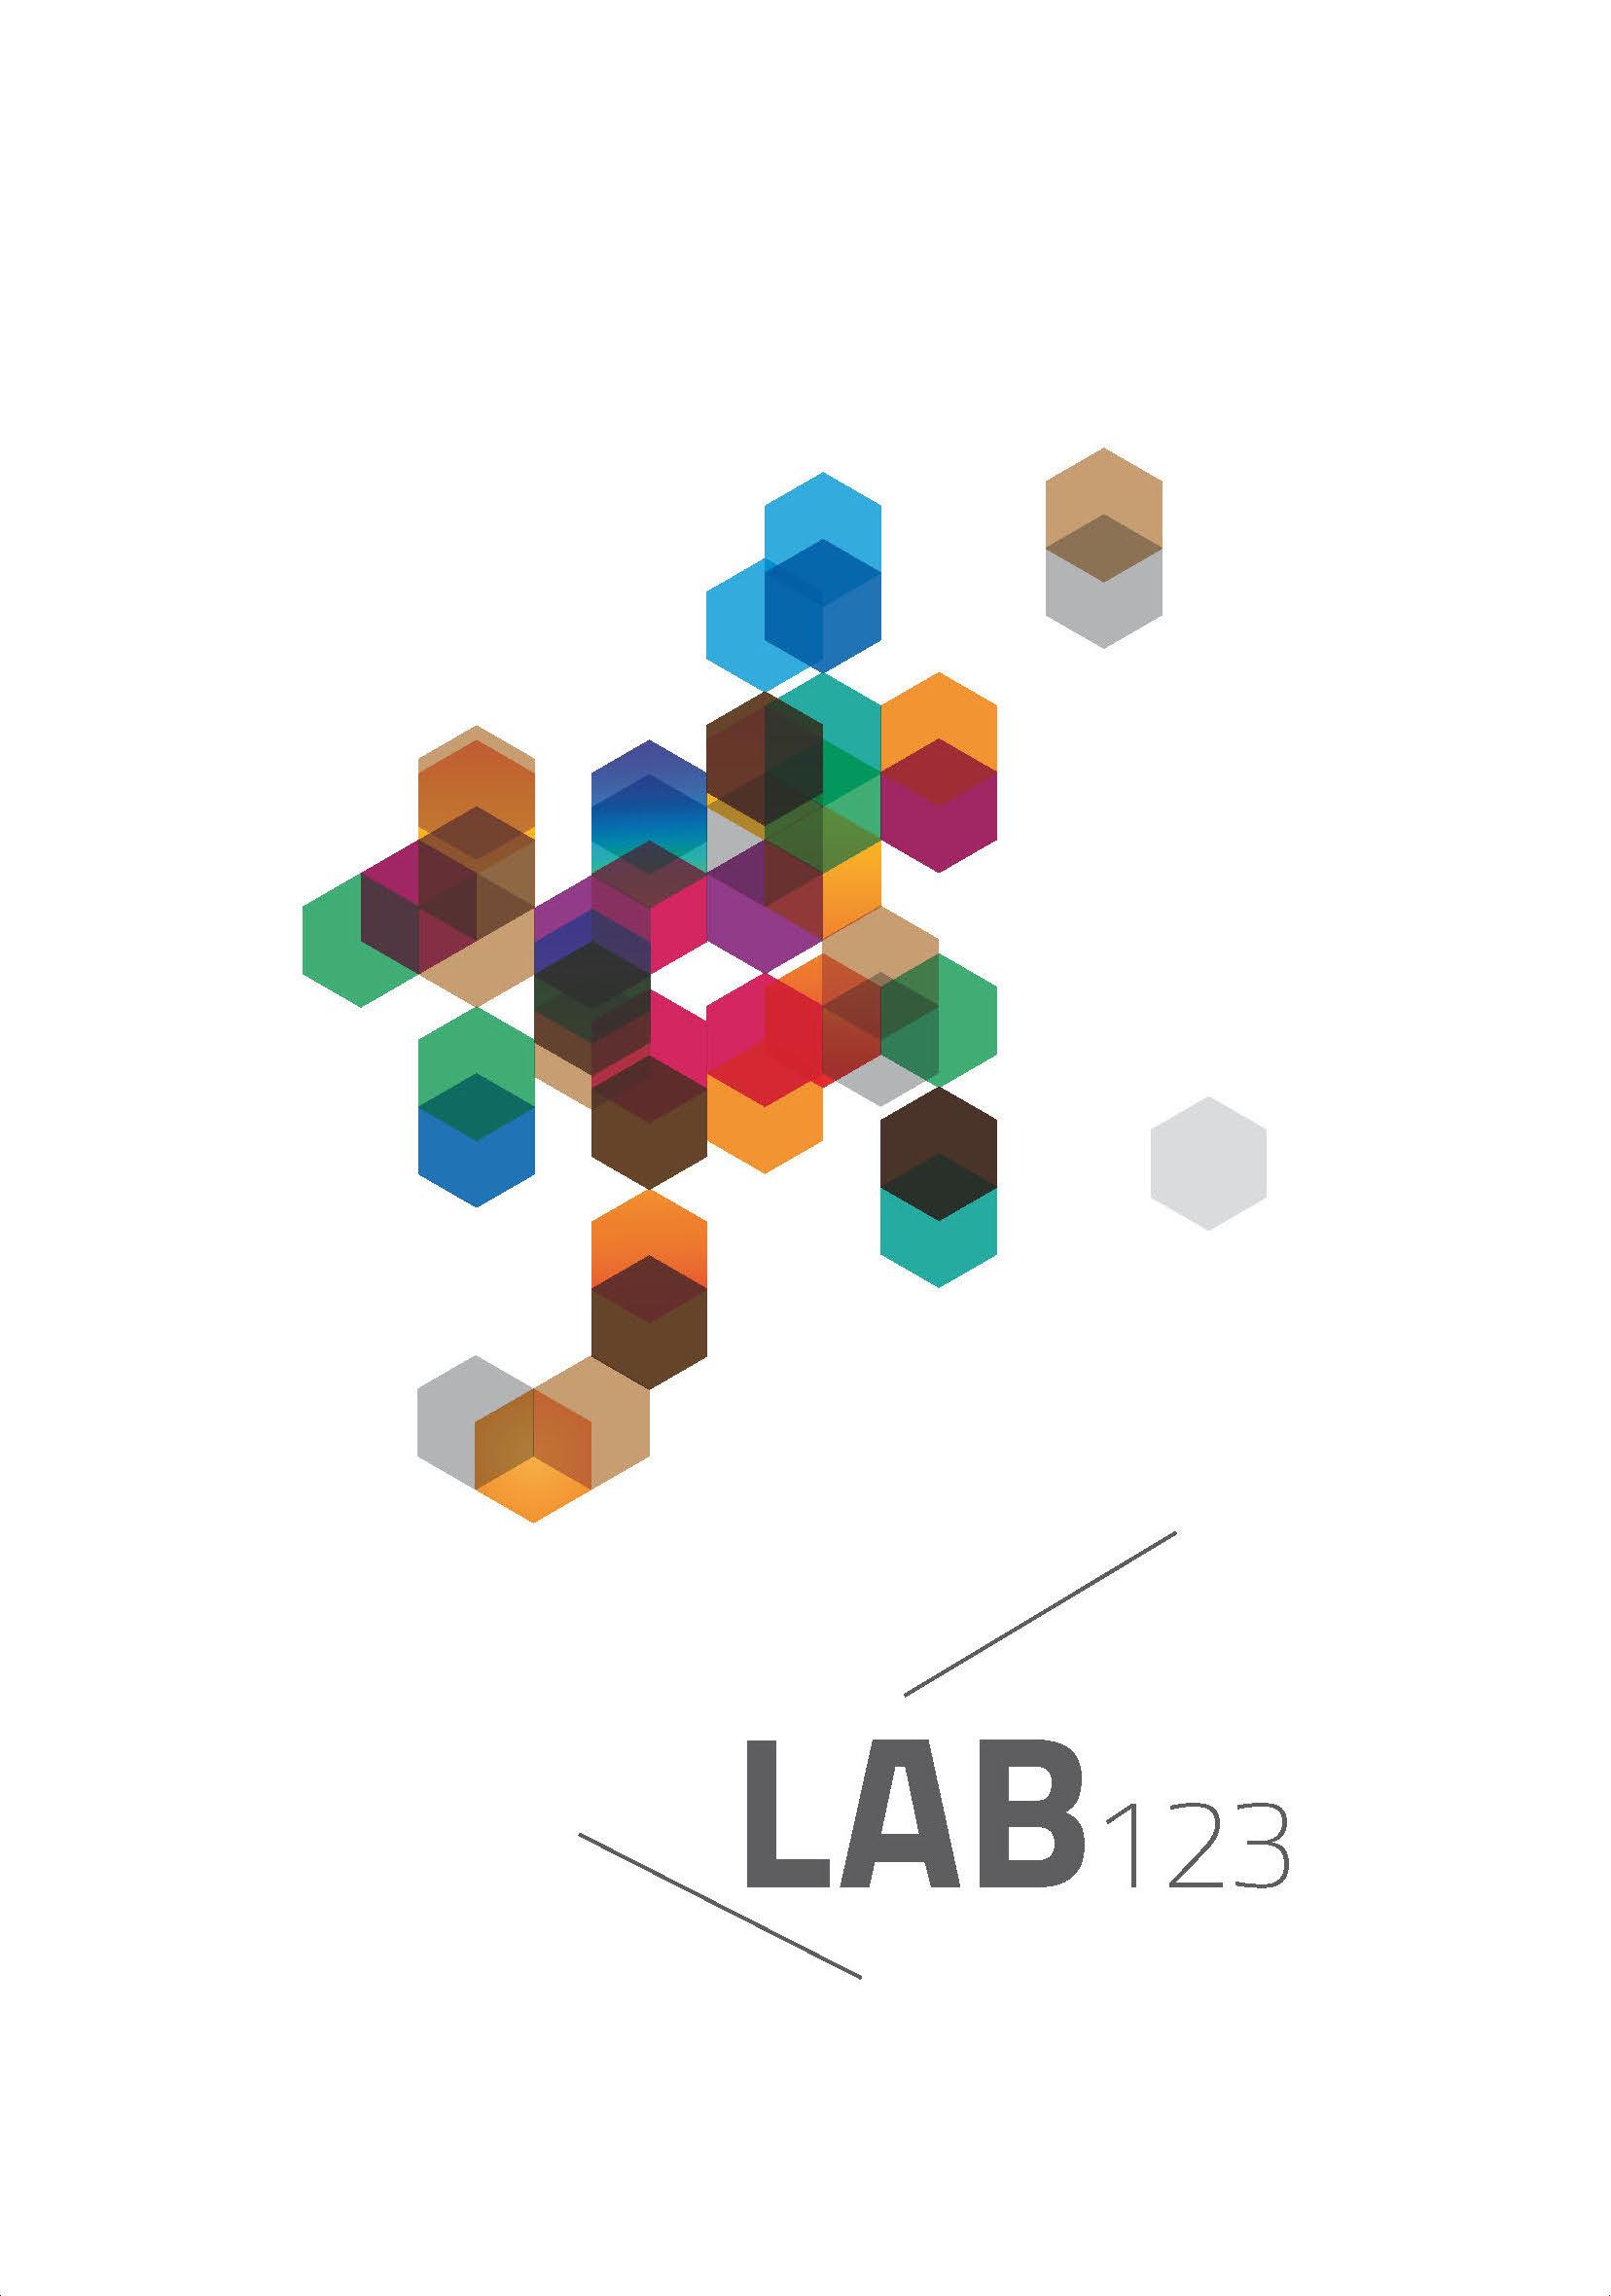 Lab123 architectes